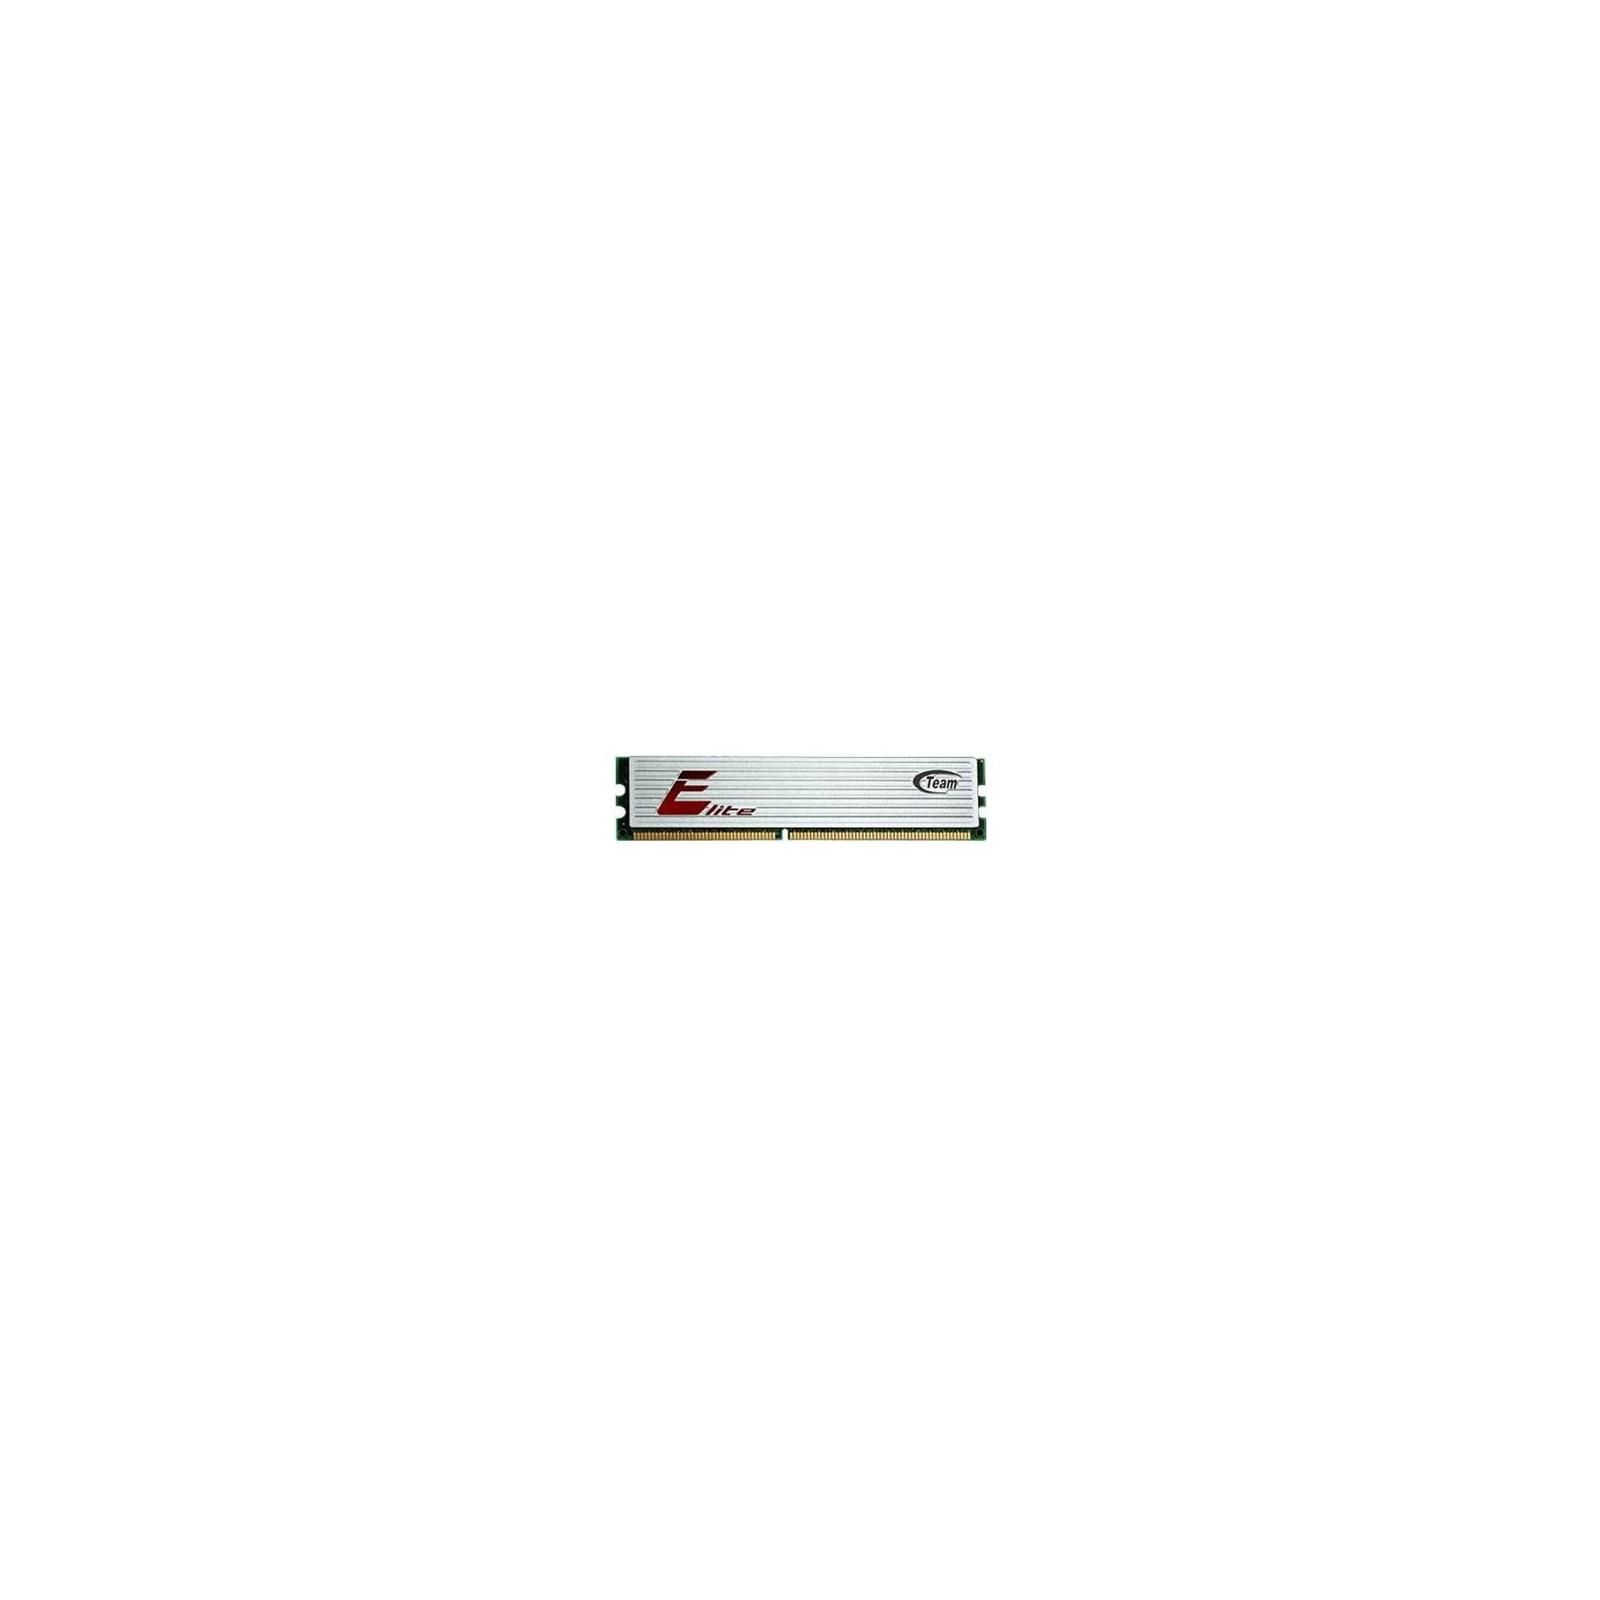 Модуль памяти для компьютера DDR3 8GB 1333 MHz Team (TED38GM1333HC9BK / TED38G1333HC9BK)